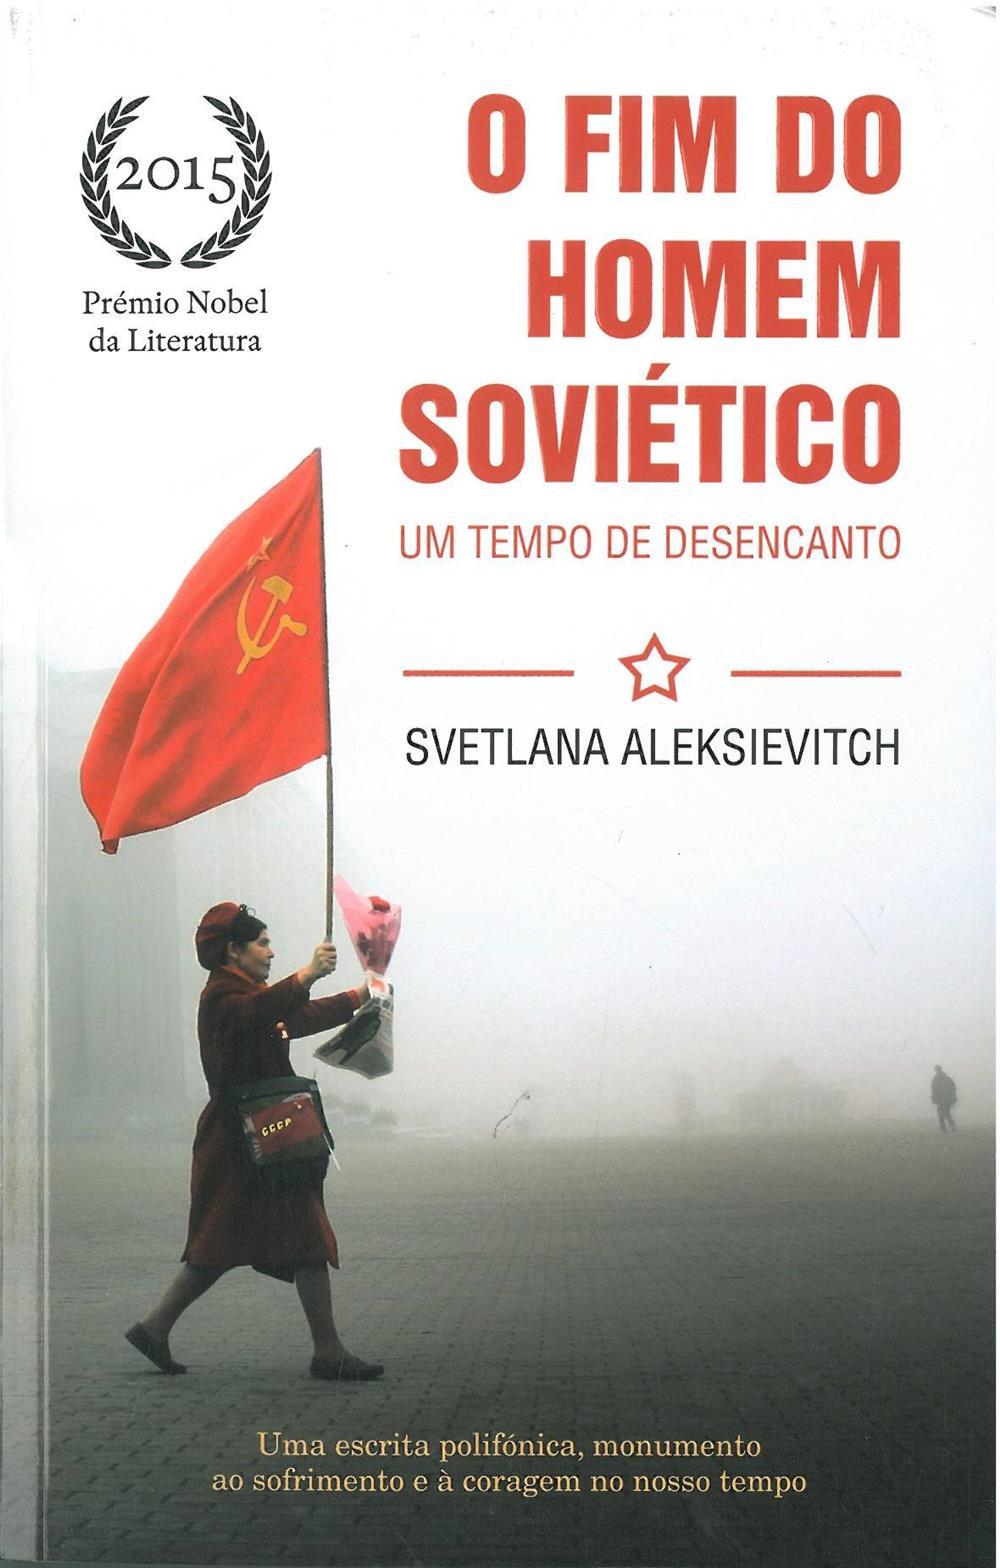 O fim do homem soviético_.jpg